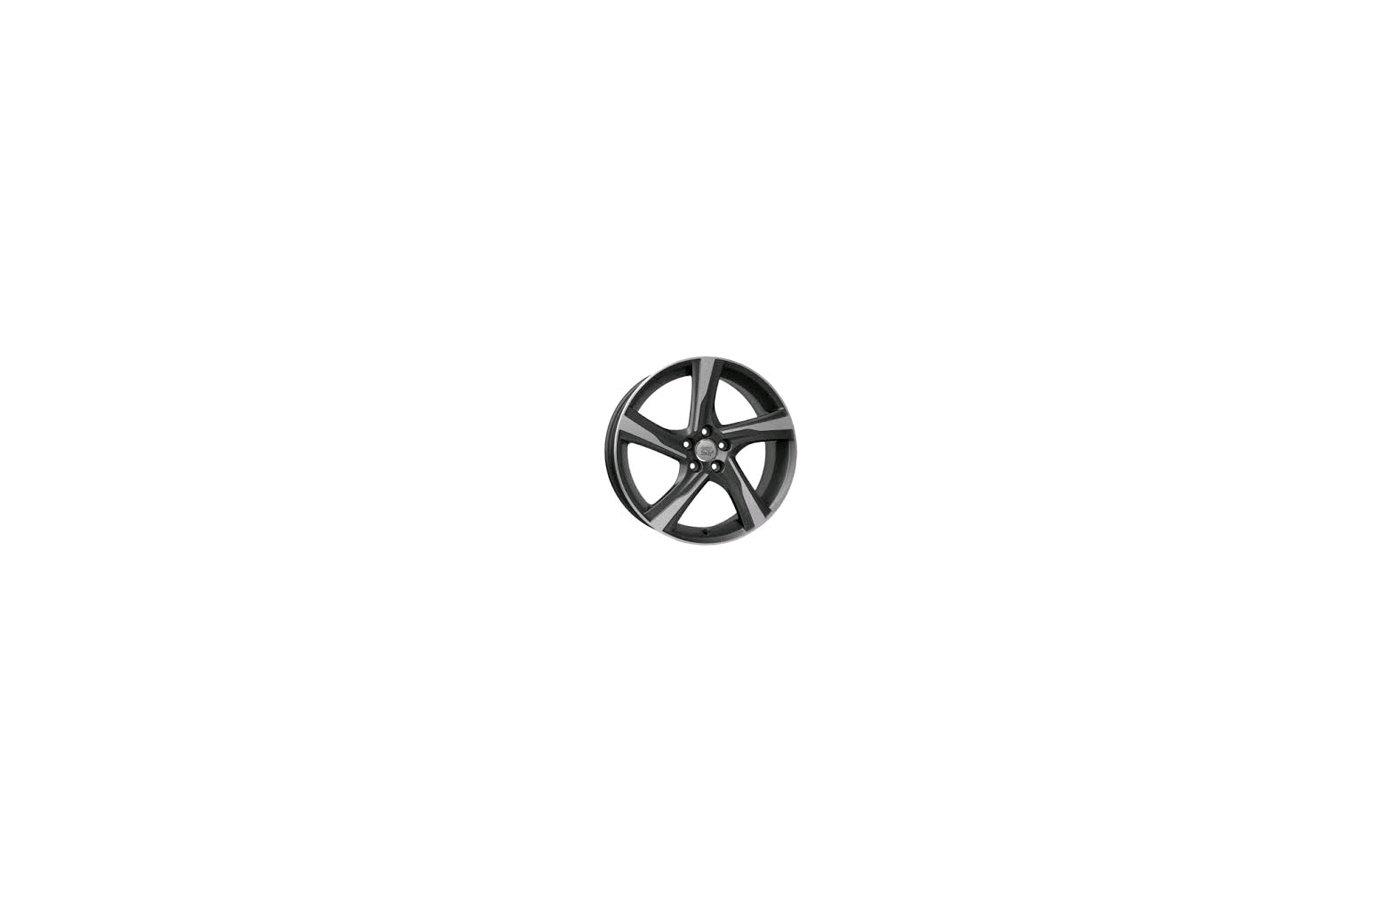 Диск Ё-wheels E18 6x15/4x100 D54.1 ET48 MBF